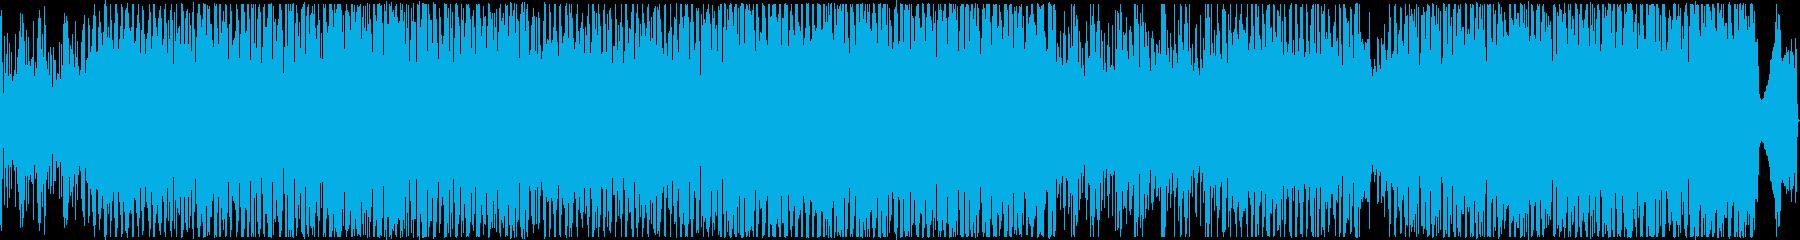 ギターとシンセサイザーのループの再生済みの波形